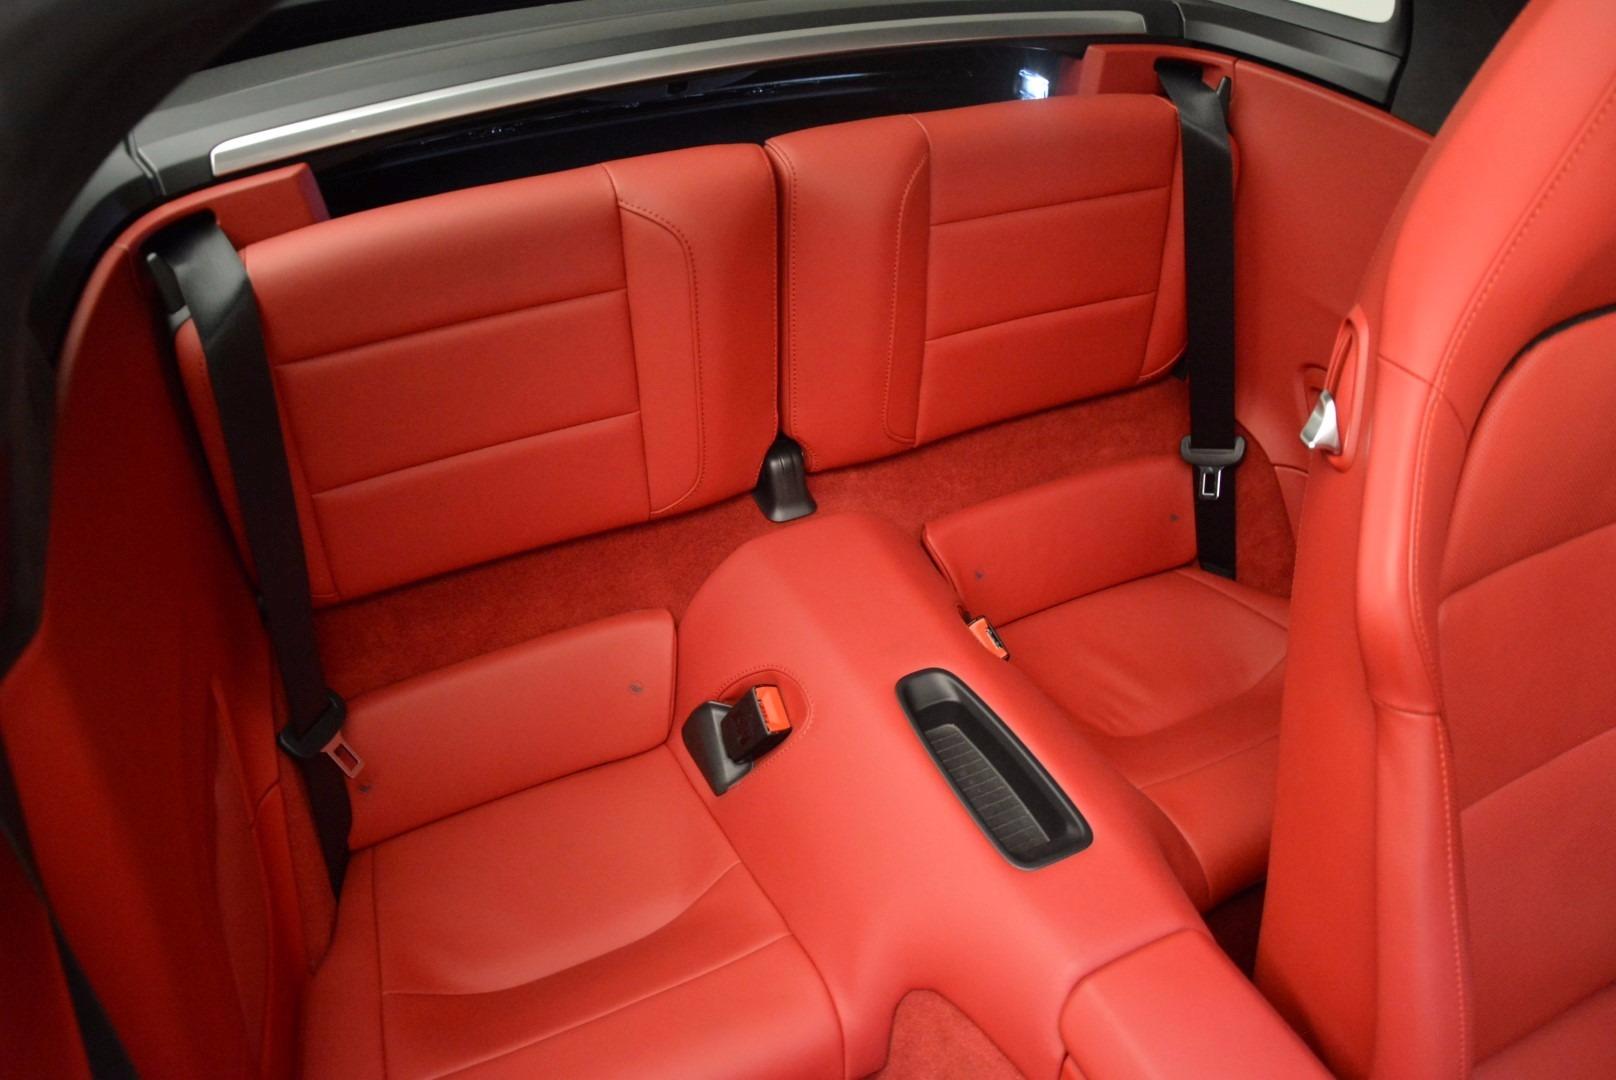 Used 2015 Porsche 911 Targa 4S For Sale In Westport, CT 1476_p28